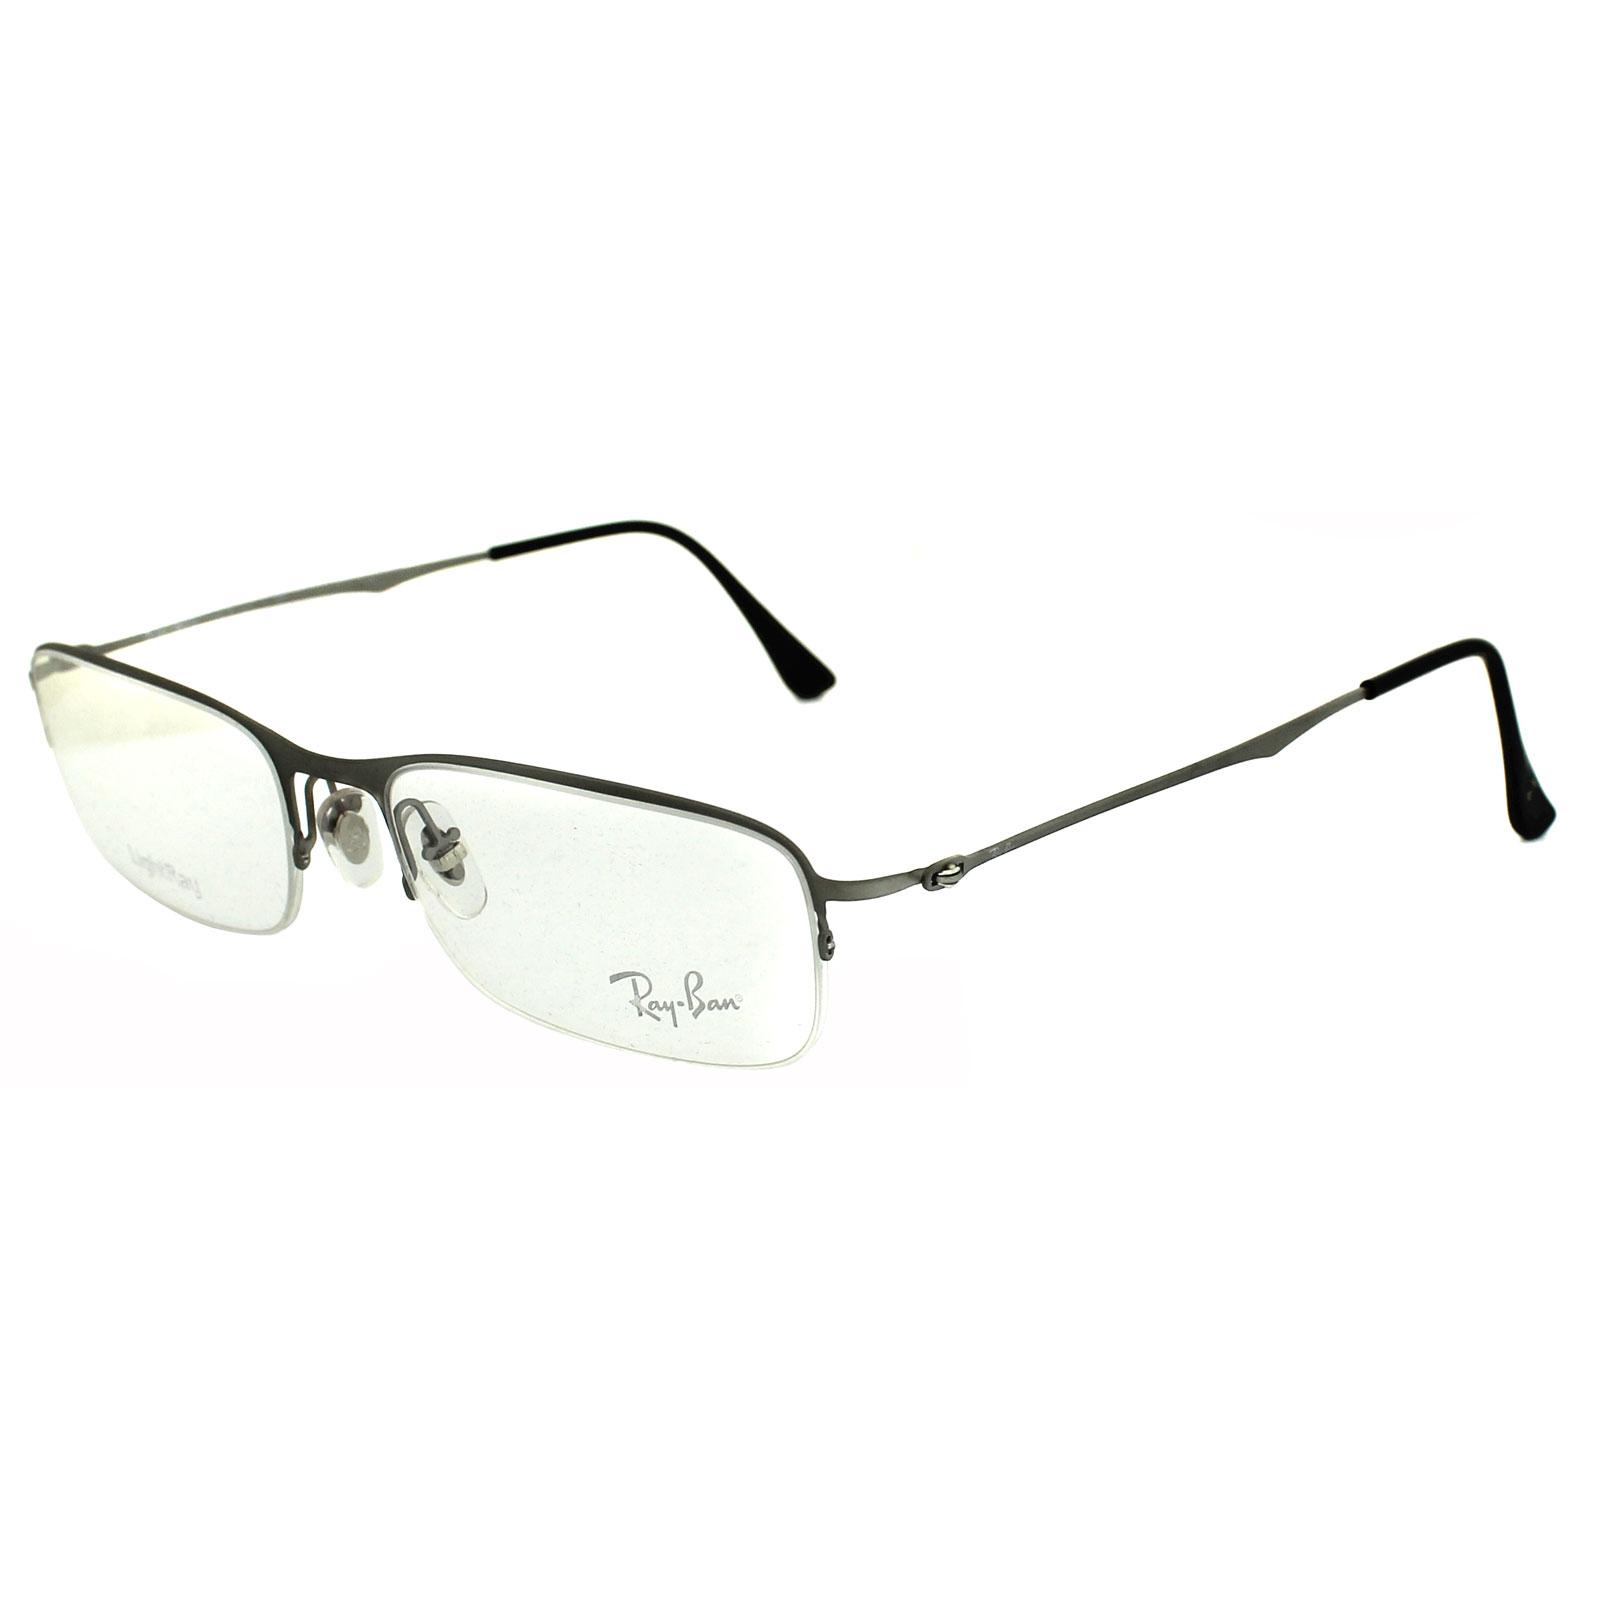 Ray-Ban Glasses Frames 8714 1159 Brushed Titanium 8053672078619 | eBay